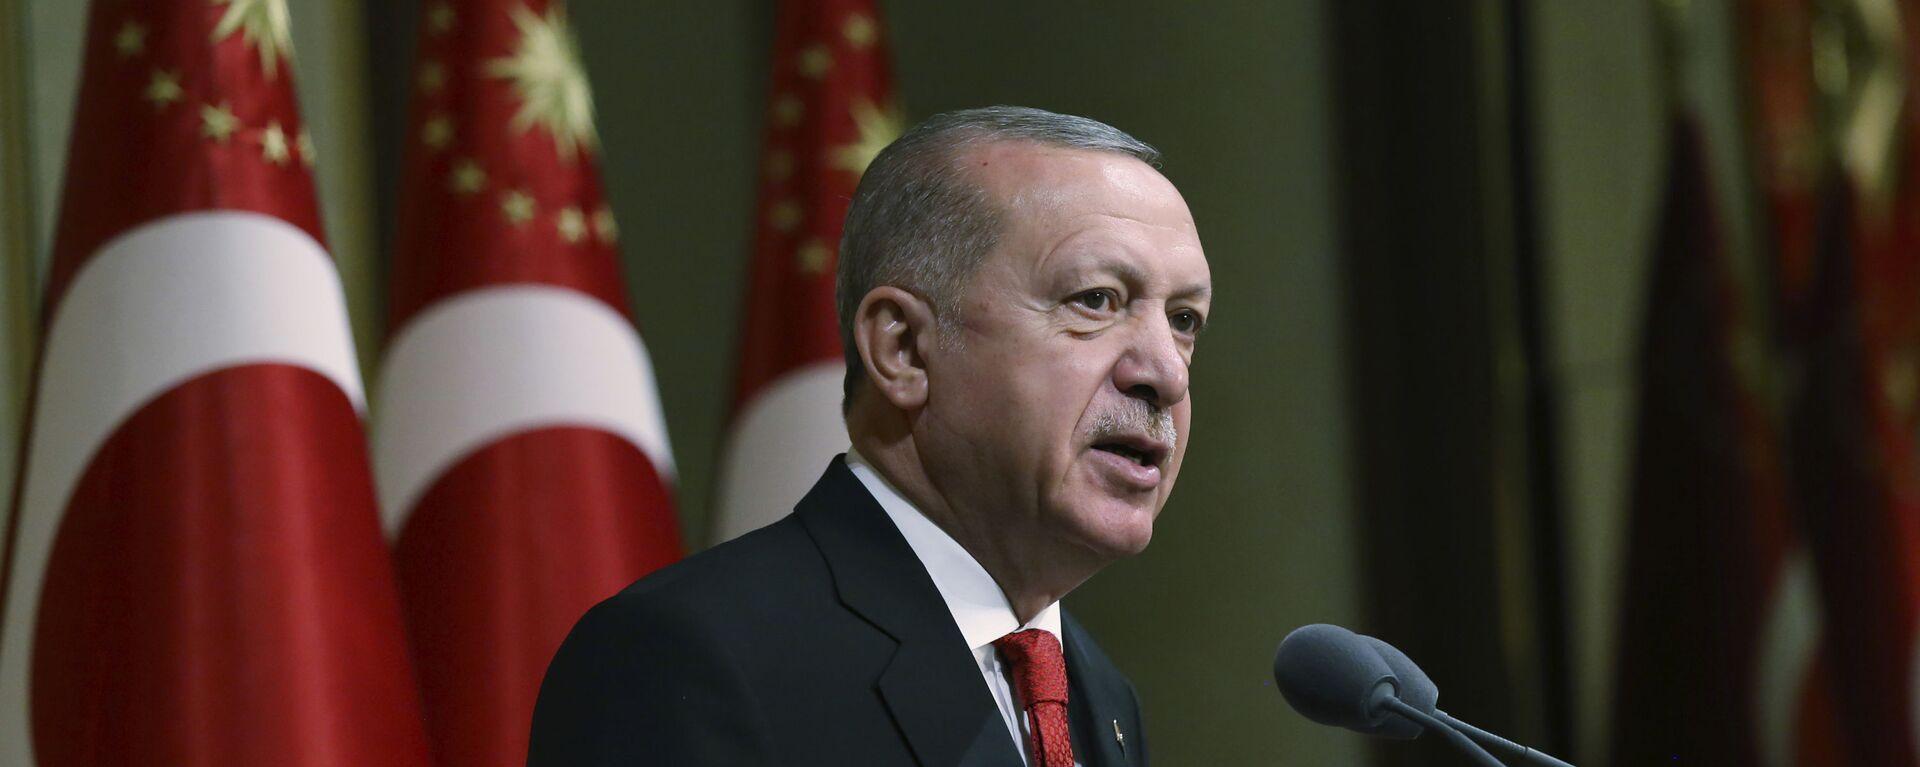 Tổng thống Thổ Nhĩ Kỳ Recep Tayyip Erdogan phát biểu tại dinh thự tổng thống ở Ankara - Sputnik Việt Nam, 1920, 23.09.2021